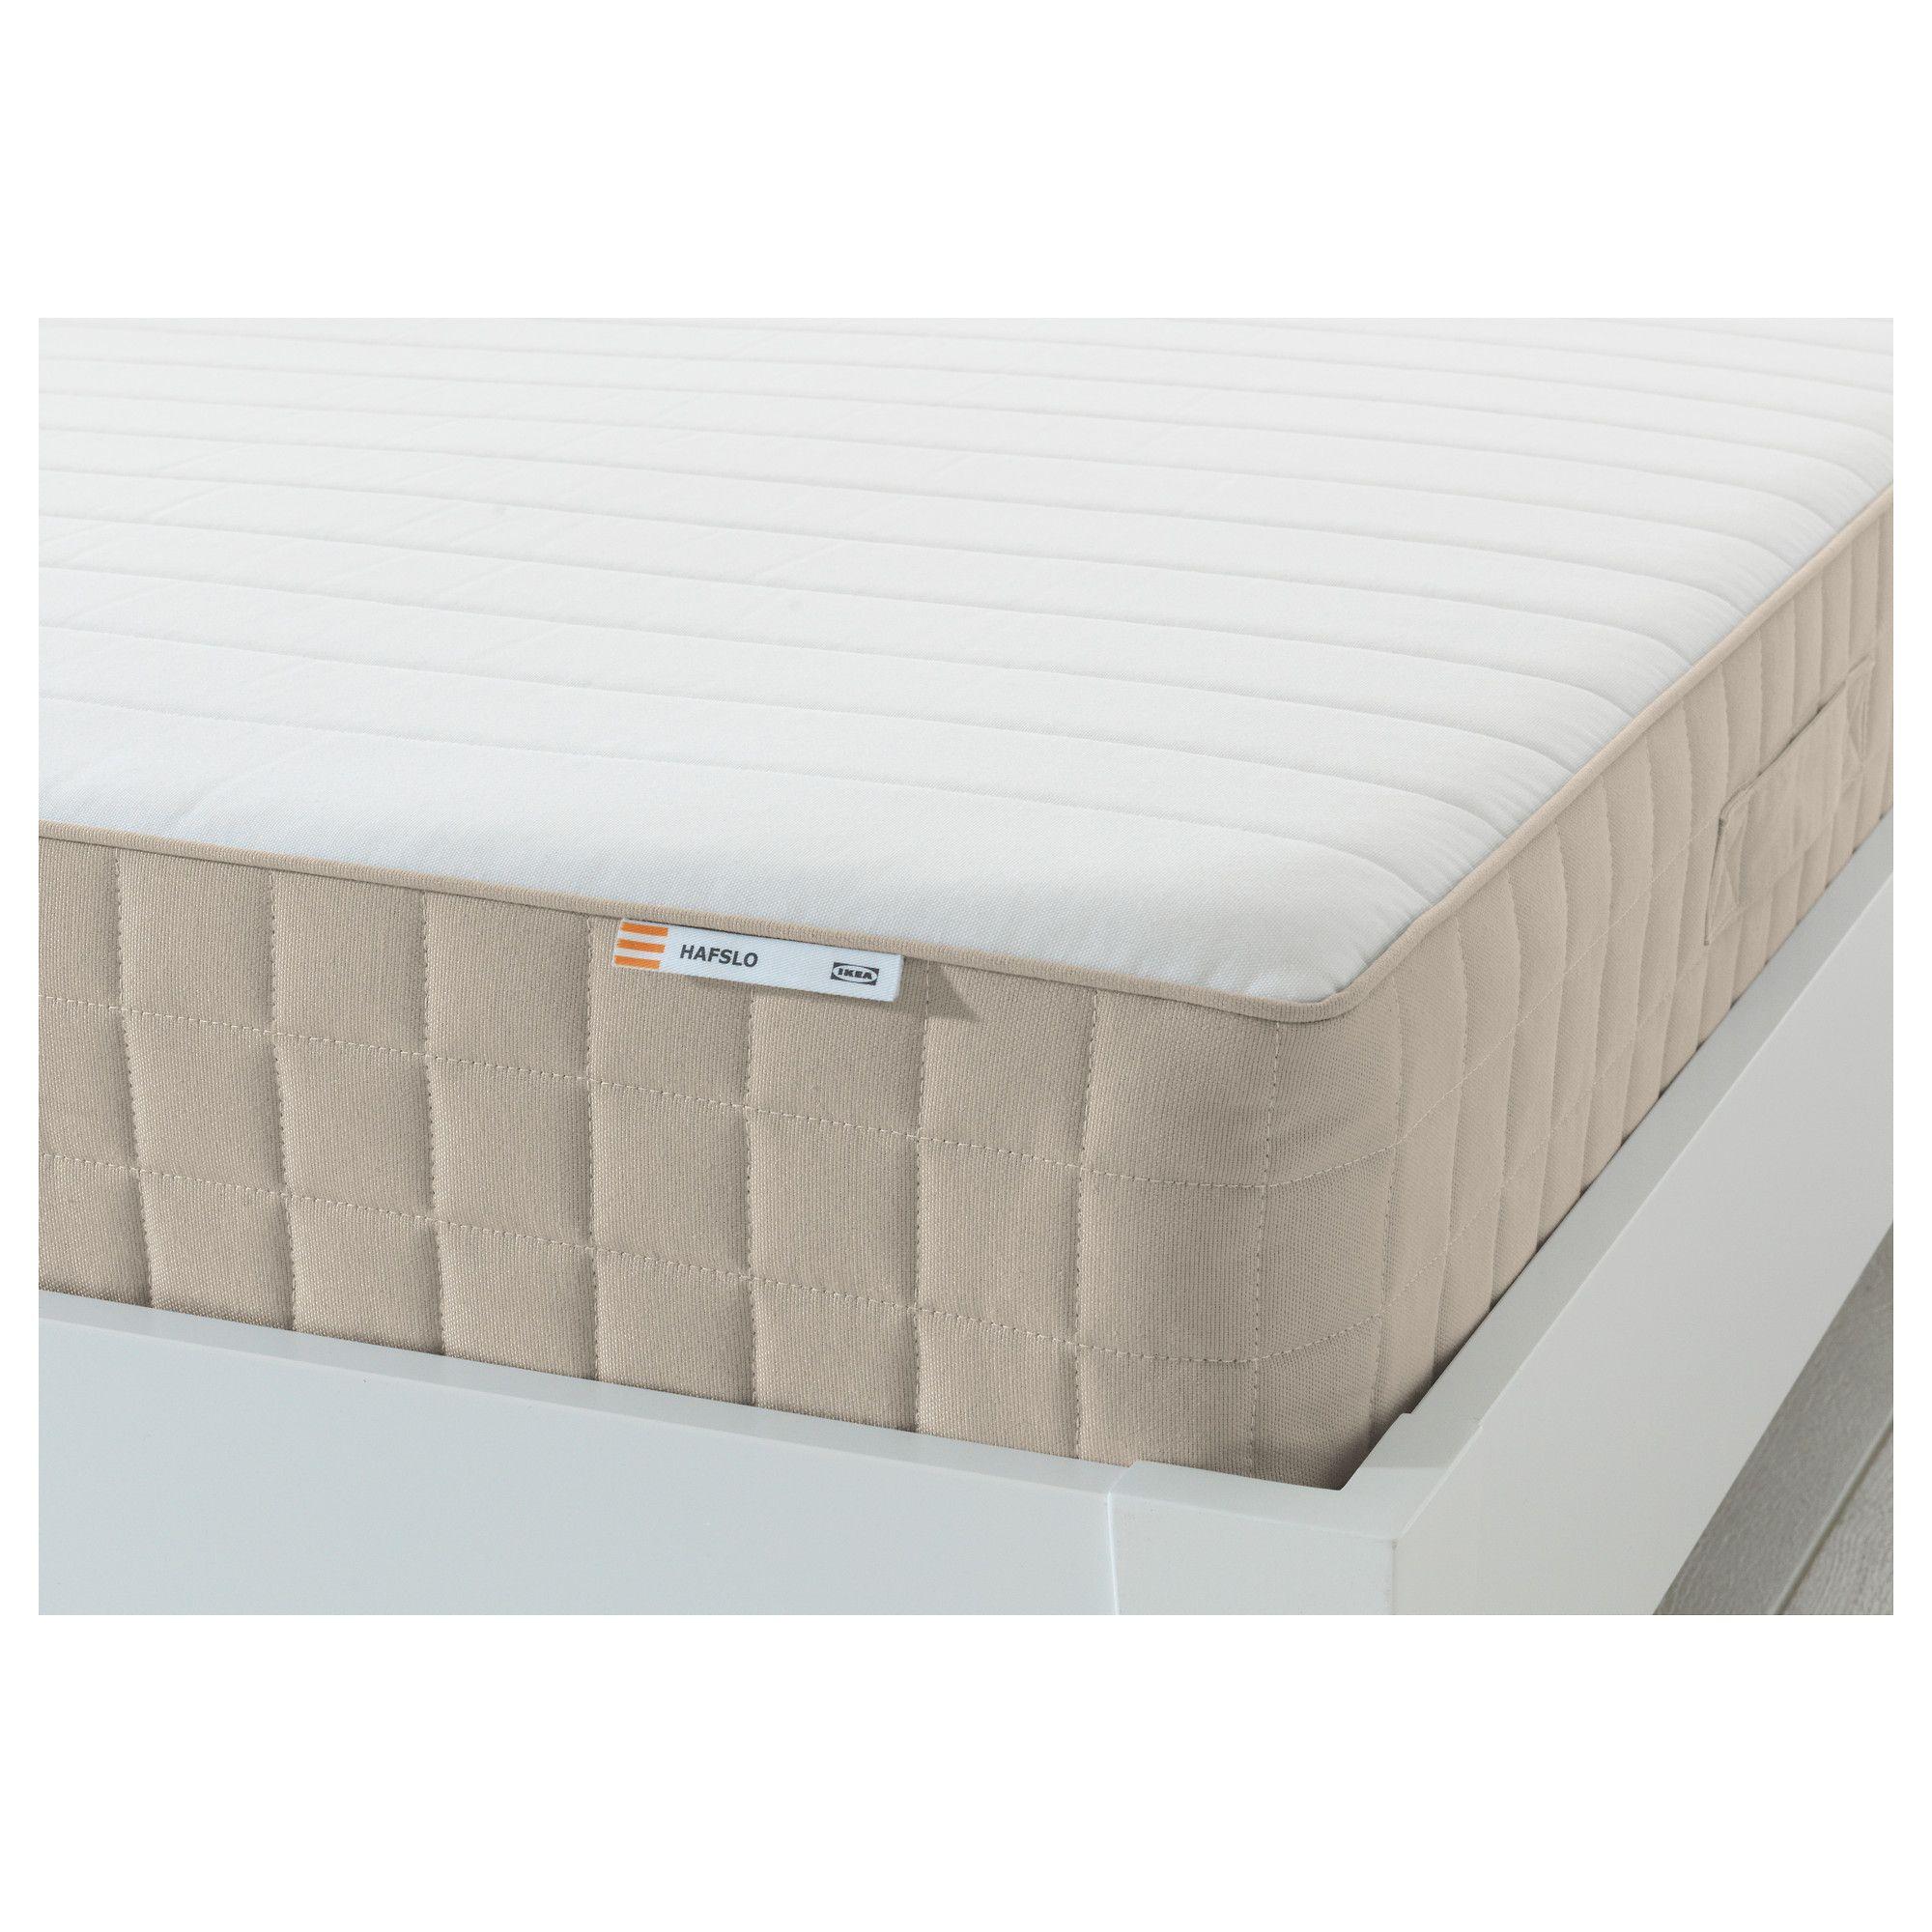 ikea hafslo colch o de molas 140x200 cm firme bege as molas bonnell oferecem um bom. Black Bedroom Furniture Sets. Home Design Ideas